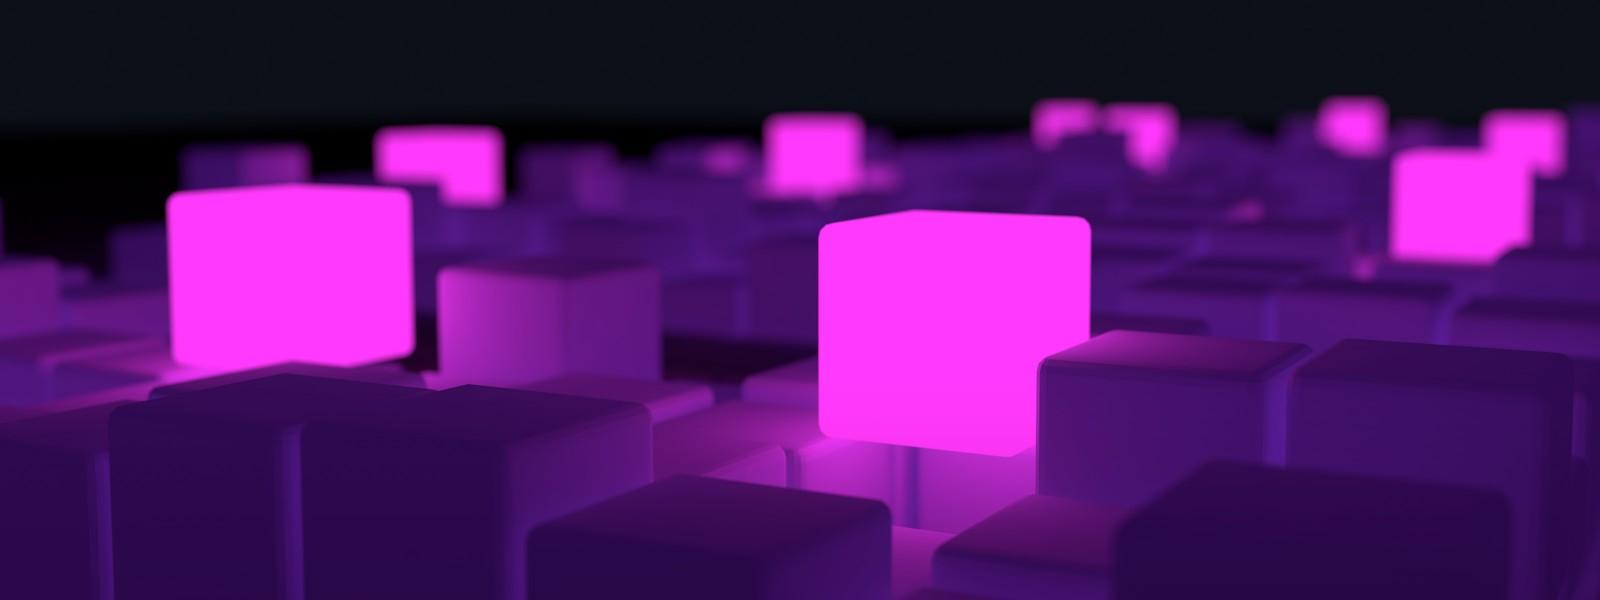 Visuel général pour la prestation animation 3D-2D